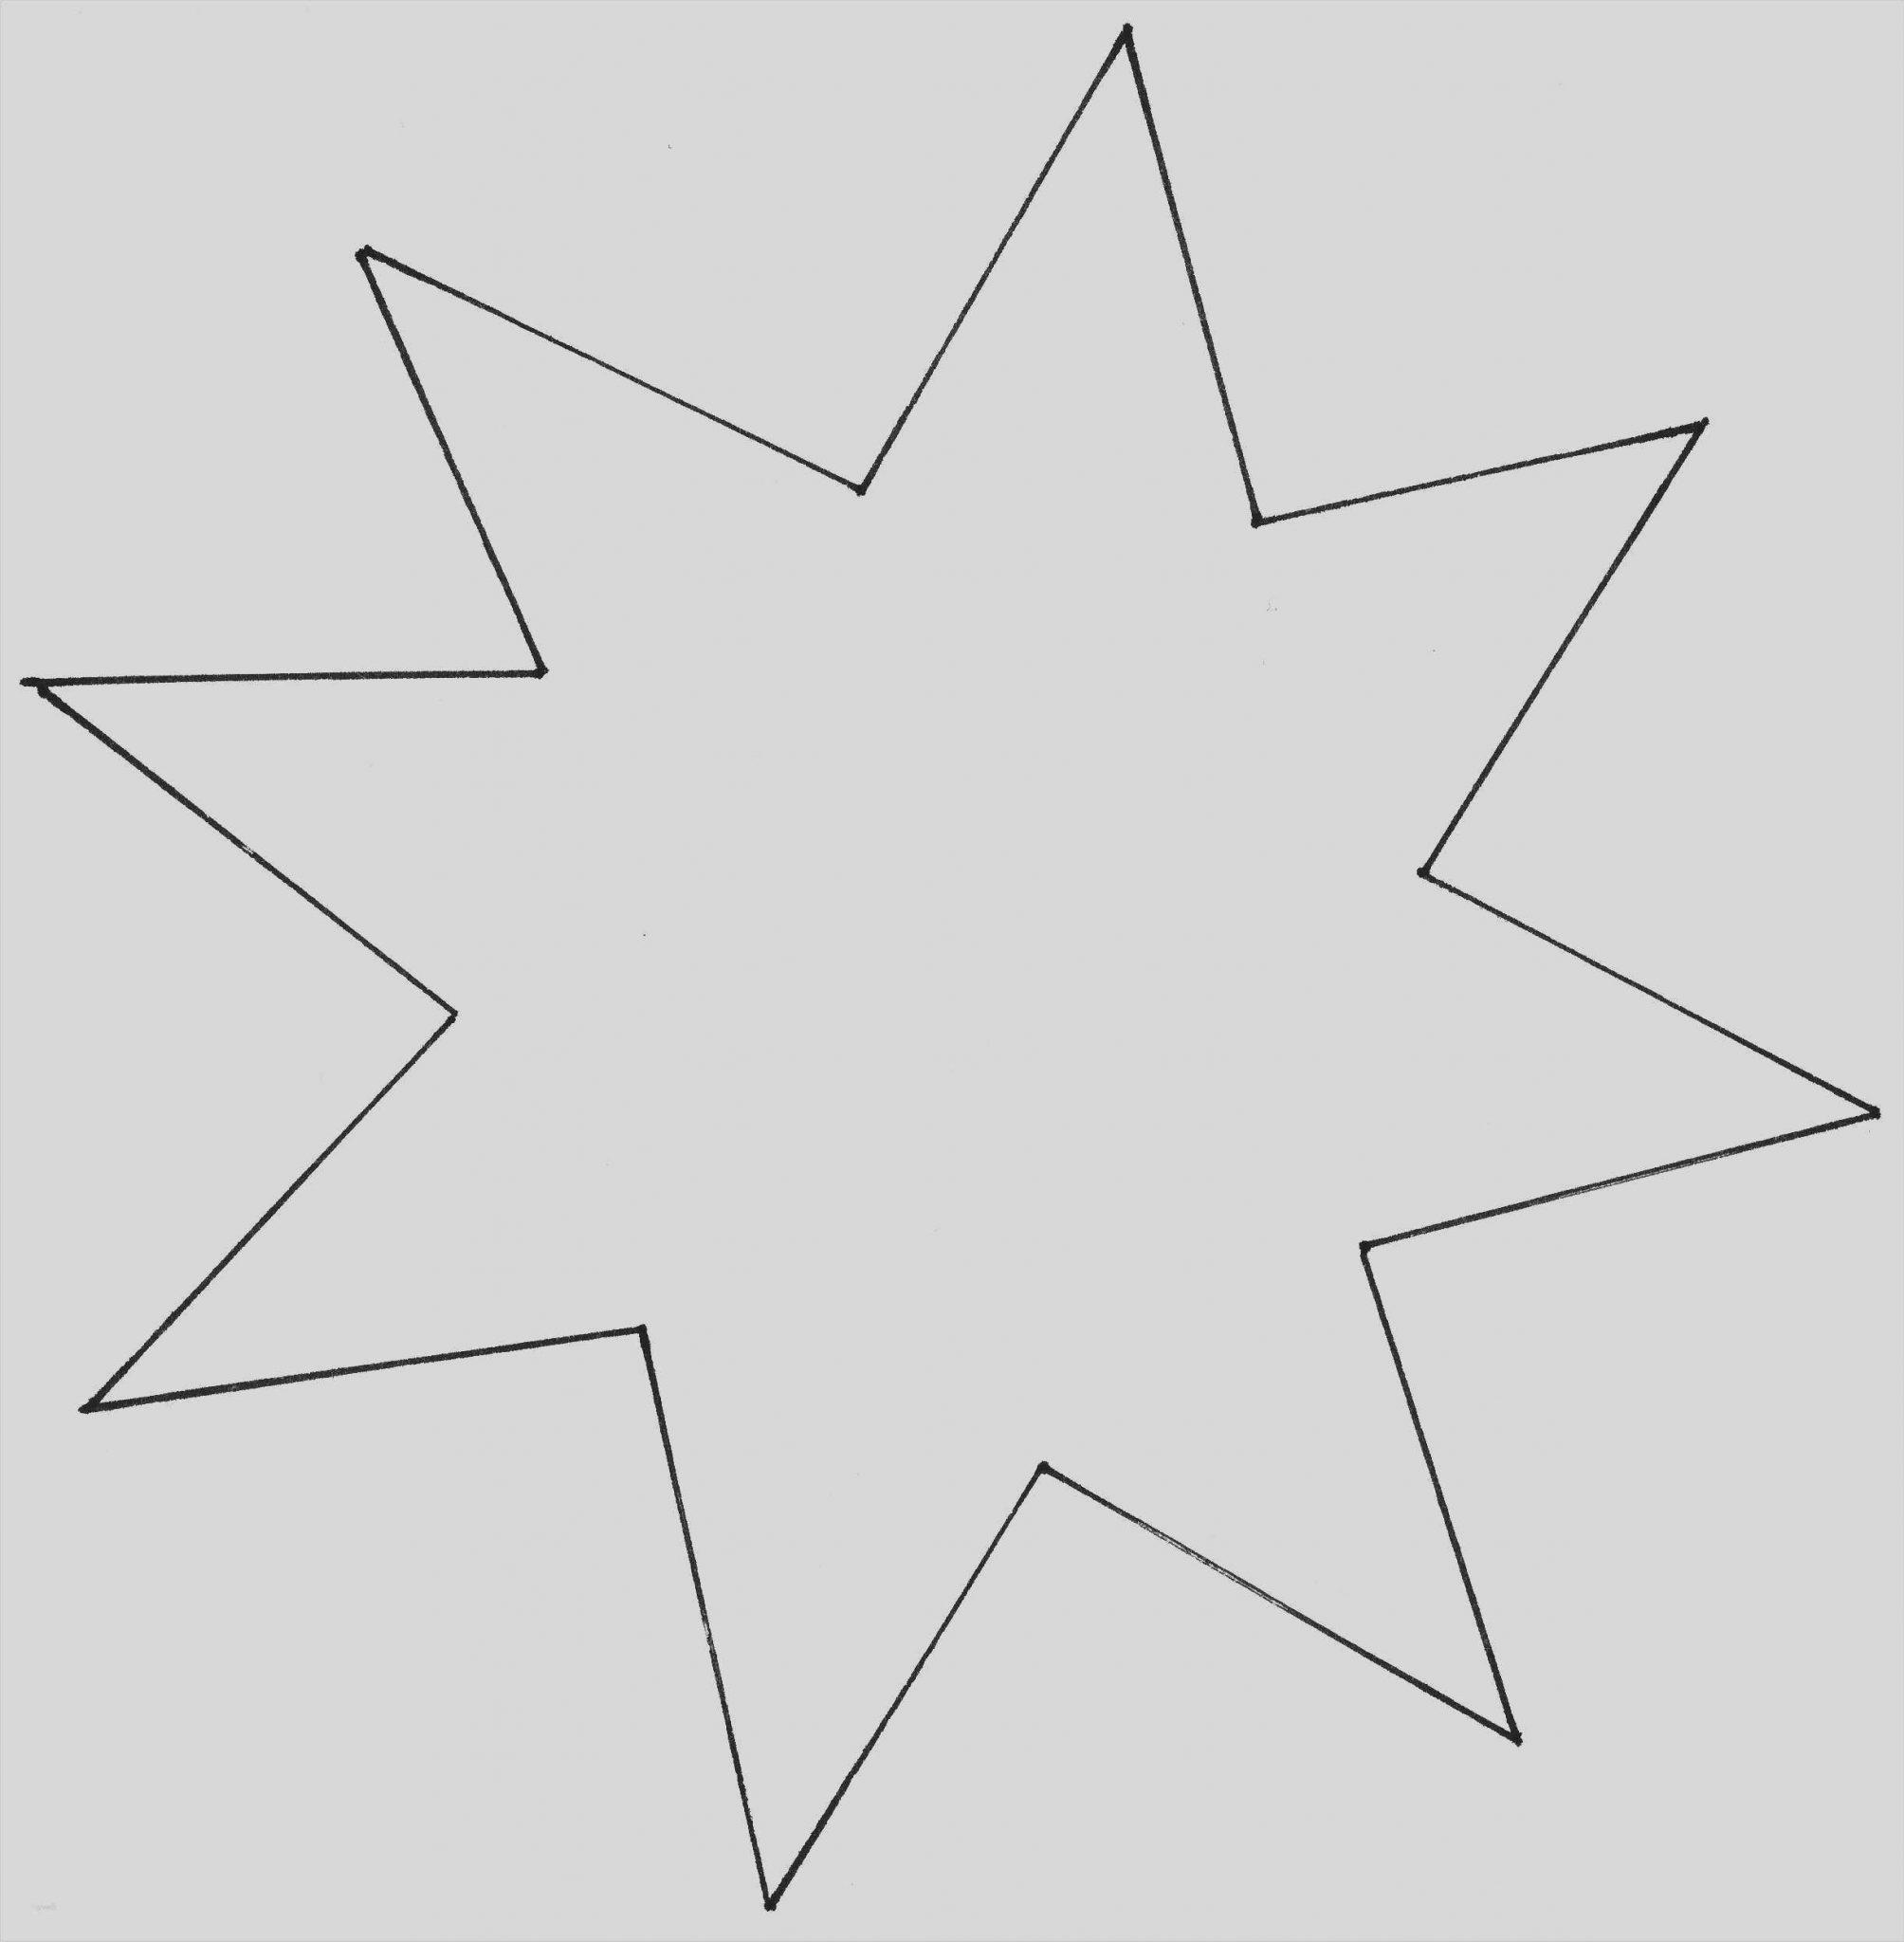 großer stern vorlage 16 inspiration jene können einstellen